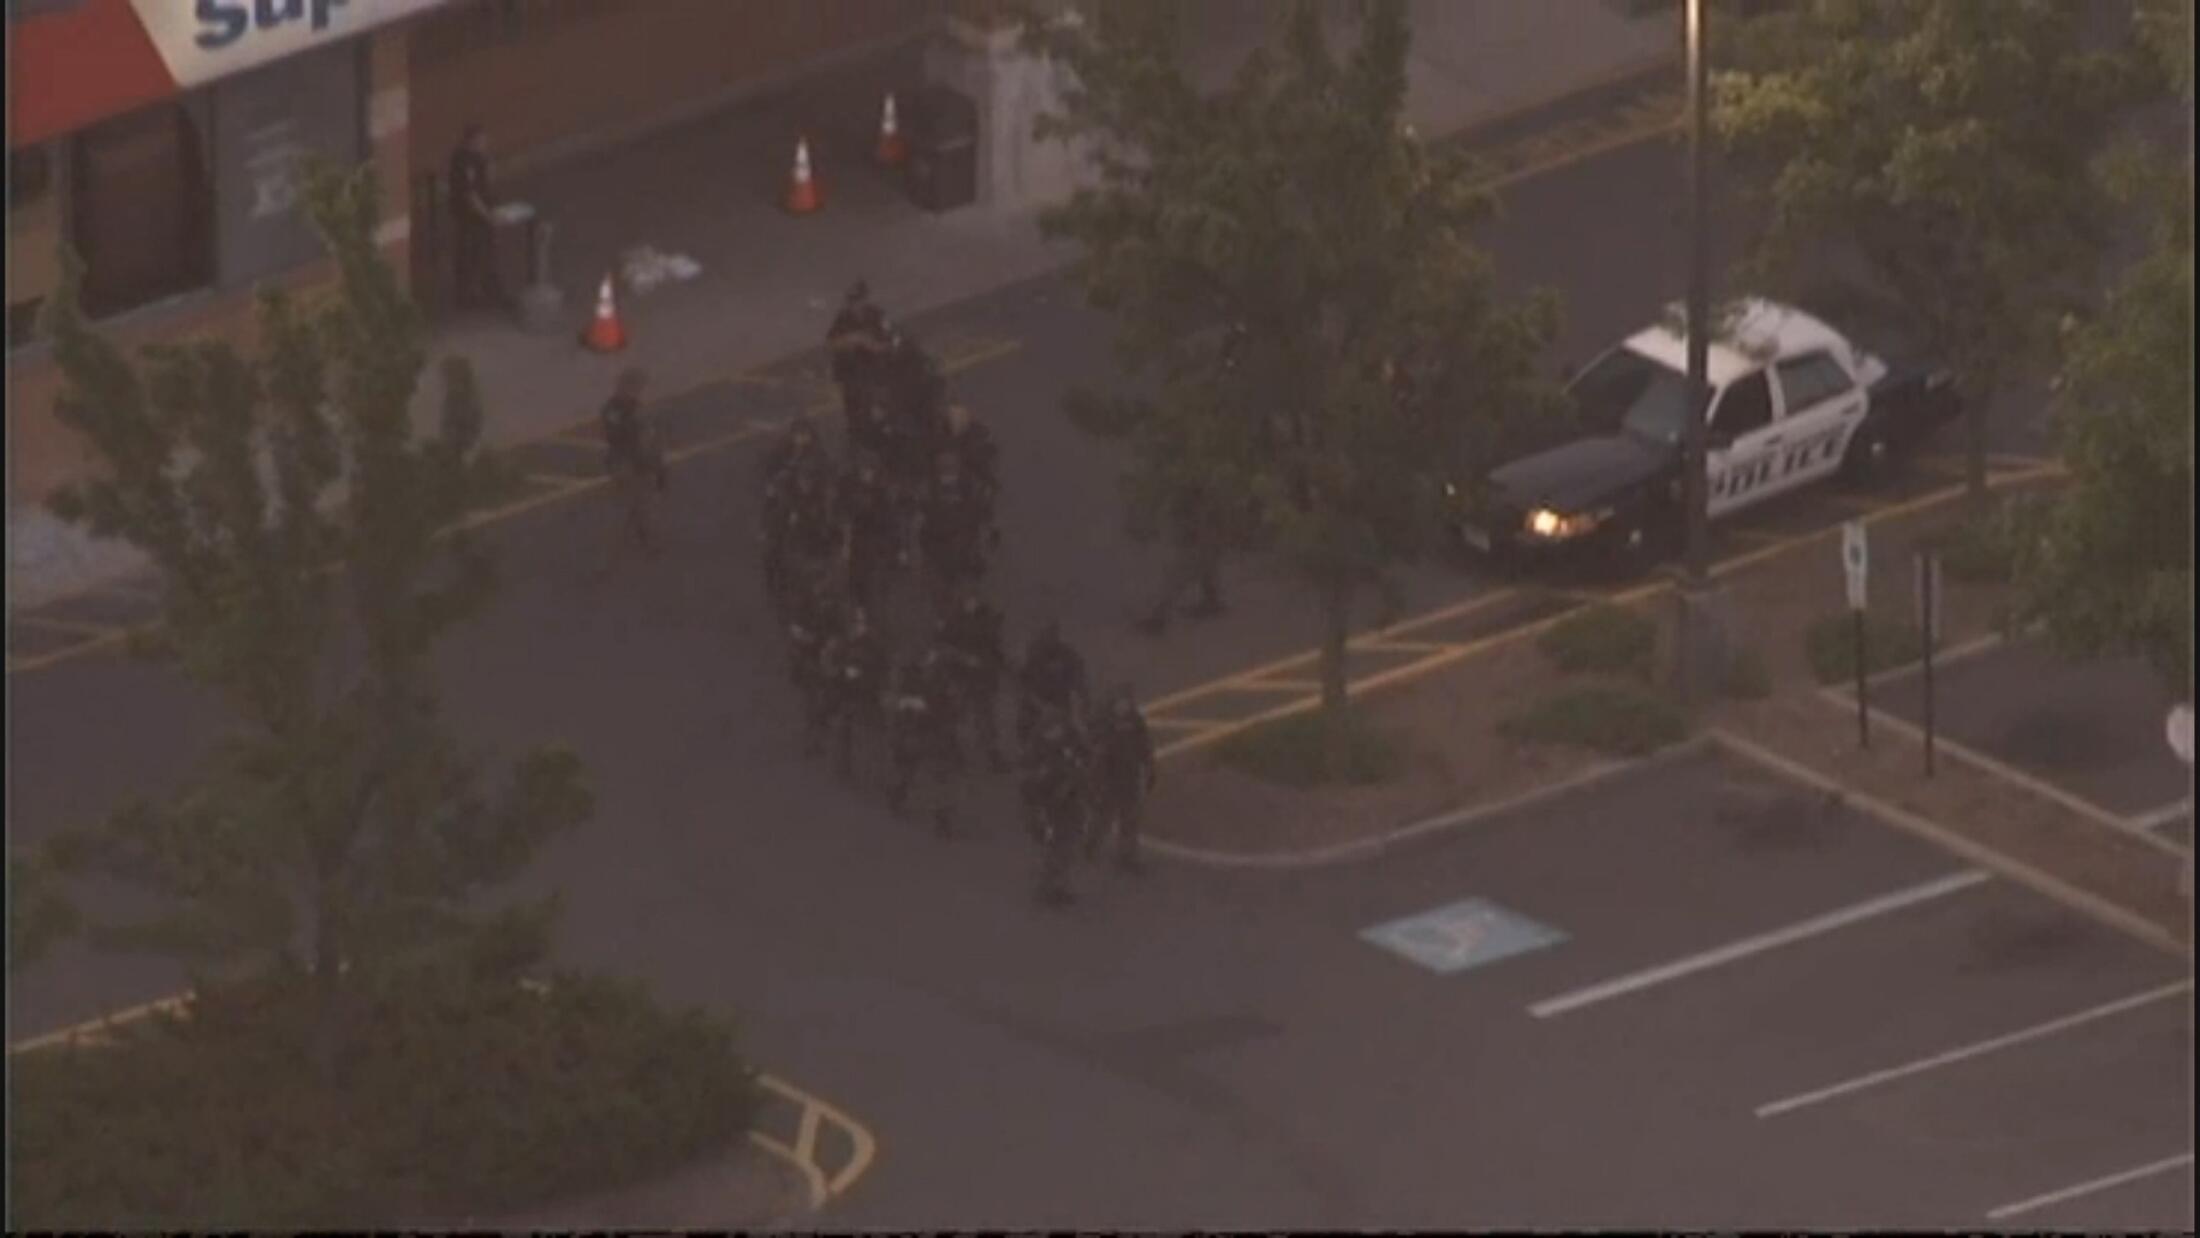 Imagem aérea da televisão local mostra policiais americanos na frente do supermercado onde ocorreu tiroteio nesta sexta-feira, na cidade de Old Bridge.